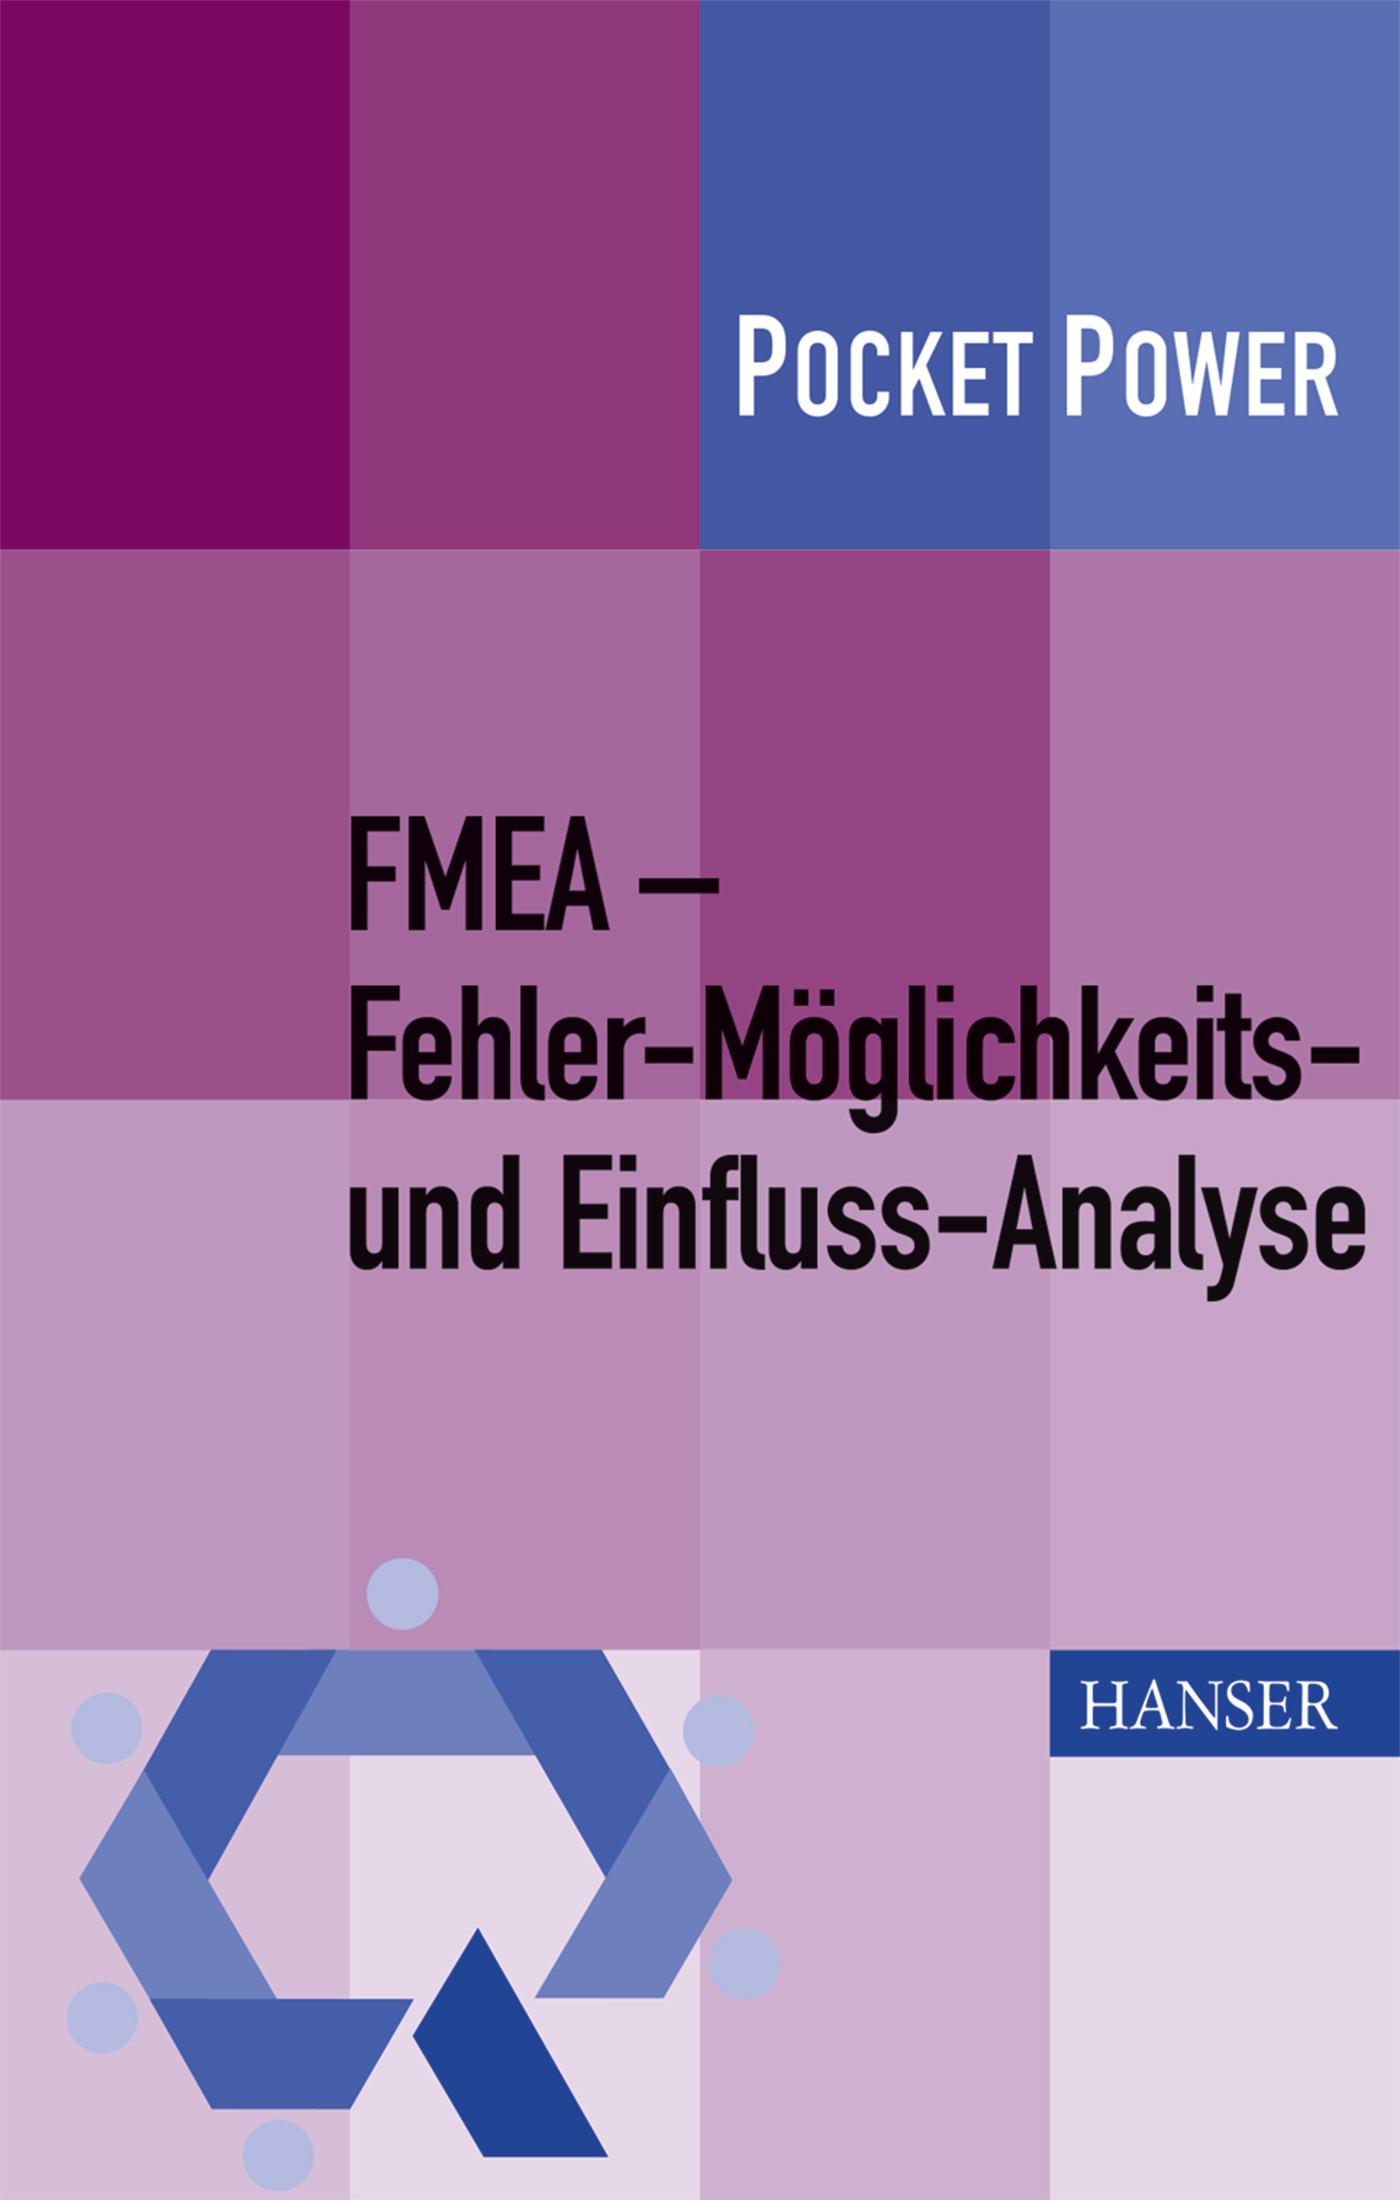 Pfeufer, FMEA – Fehler-Möglichkeits- und Einfluss-Analyse, 978-3-446-44253-5